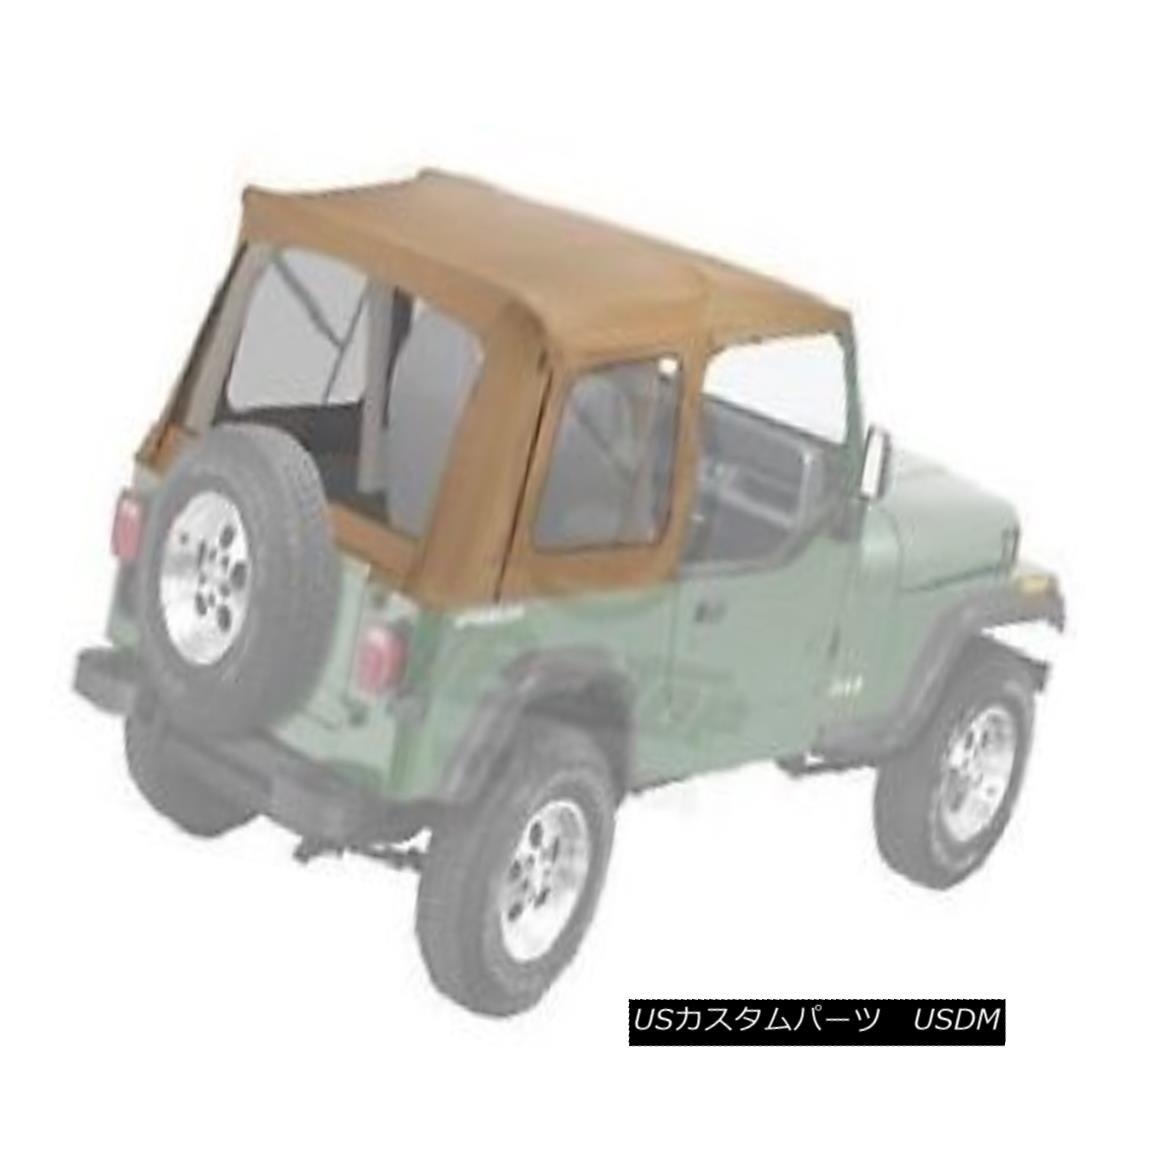 幌・ソフトトップ Bestop Supertop Replacement Skin 76-95 Jeep CJ7 / Wrangler Clear Windows Spice Bestop Supertop Replacement Skin 76-95ジープCJ7 / Wrangler Clear Windows Spice